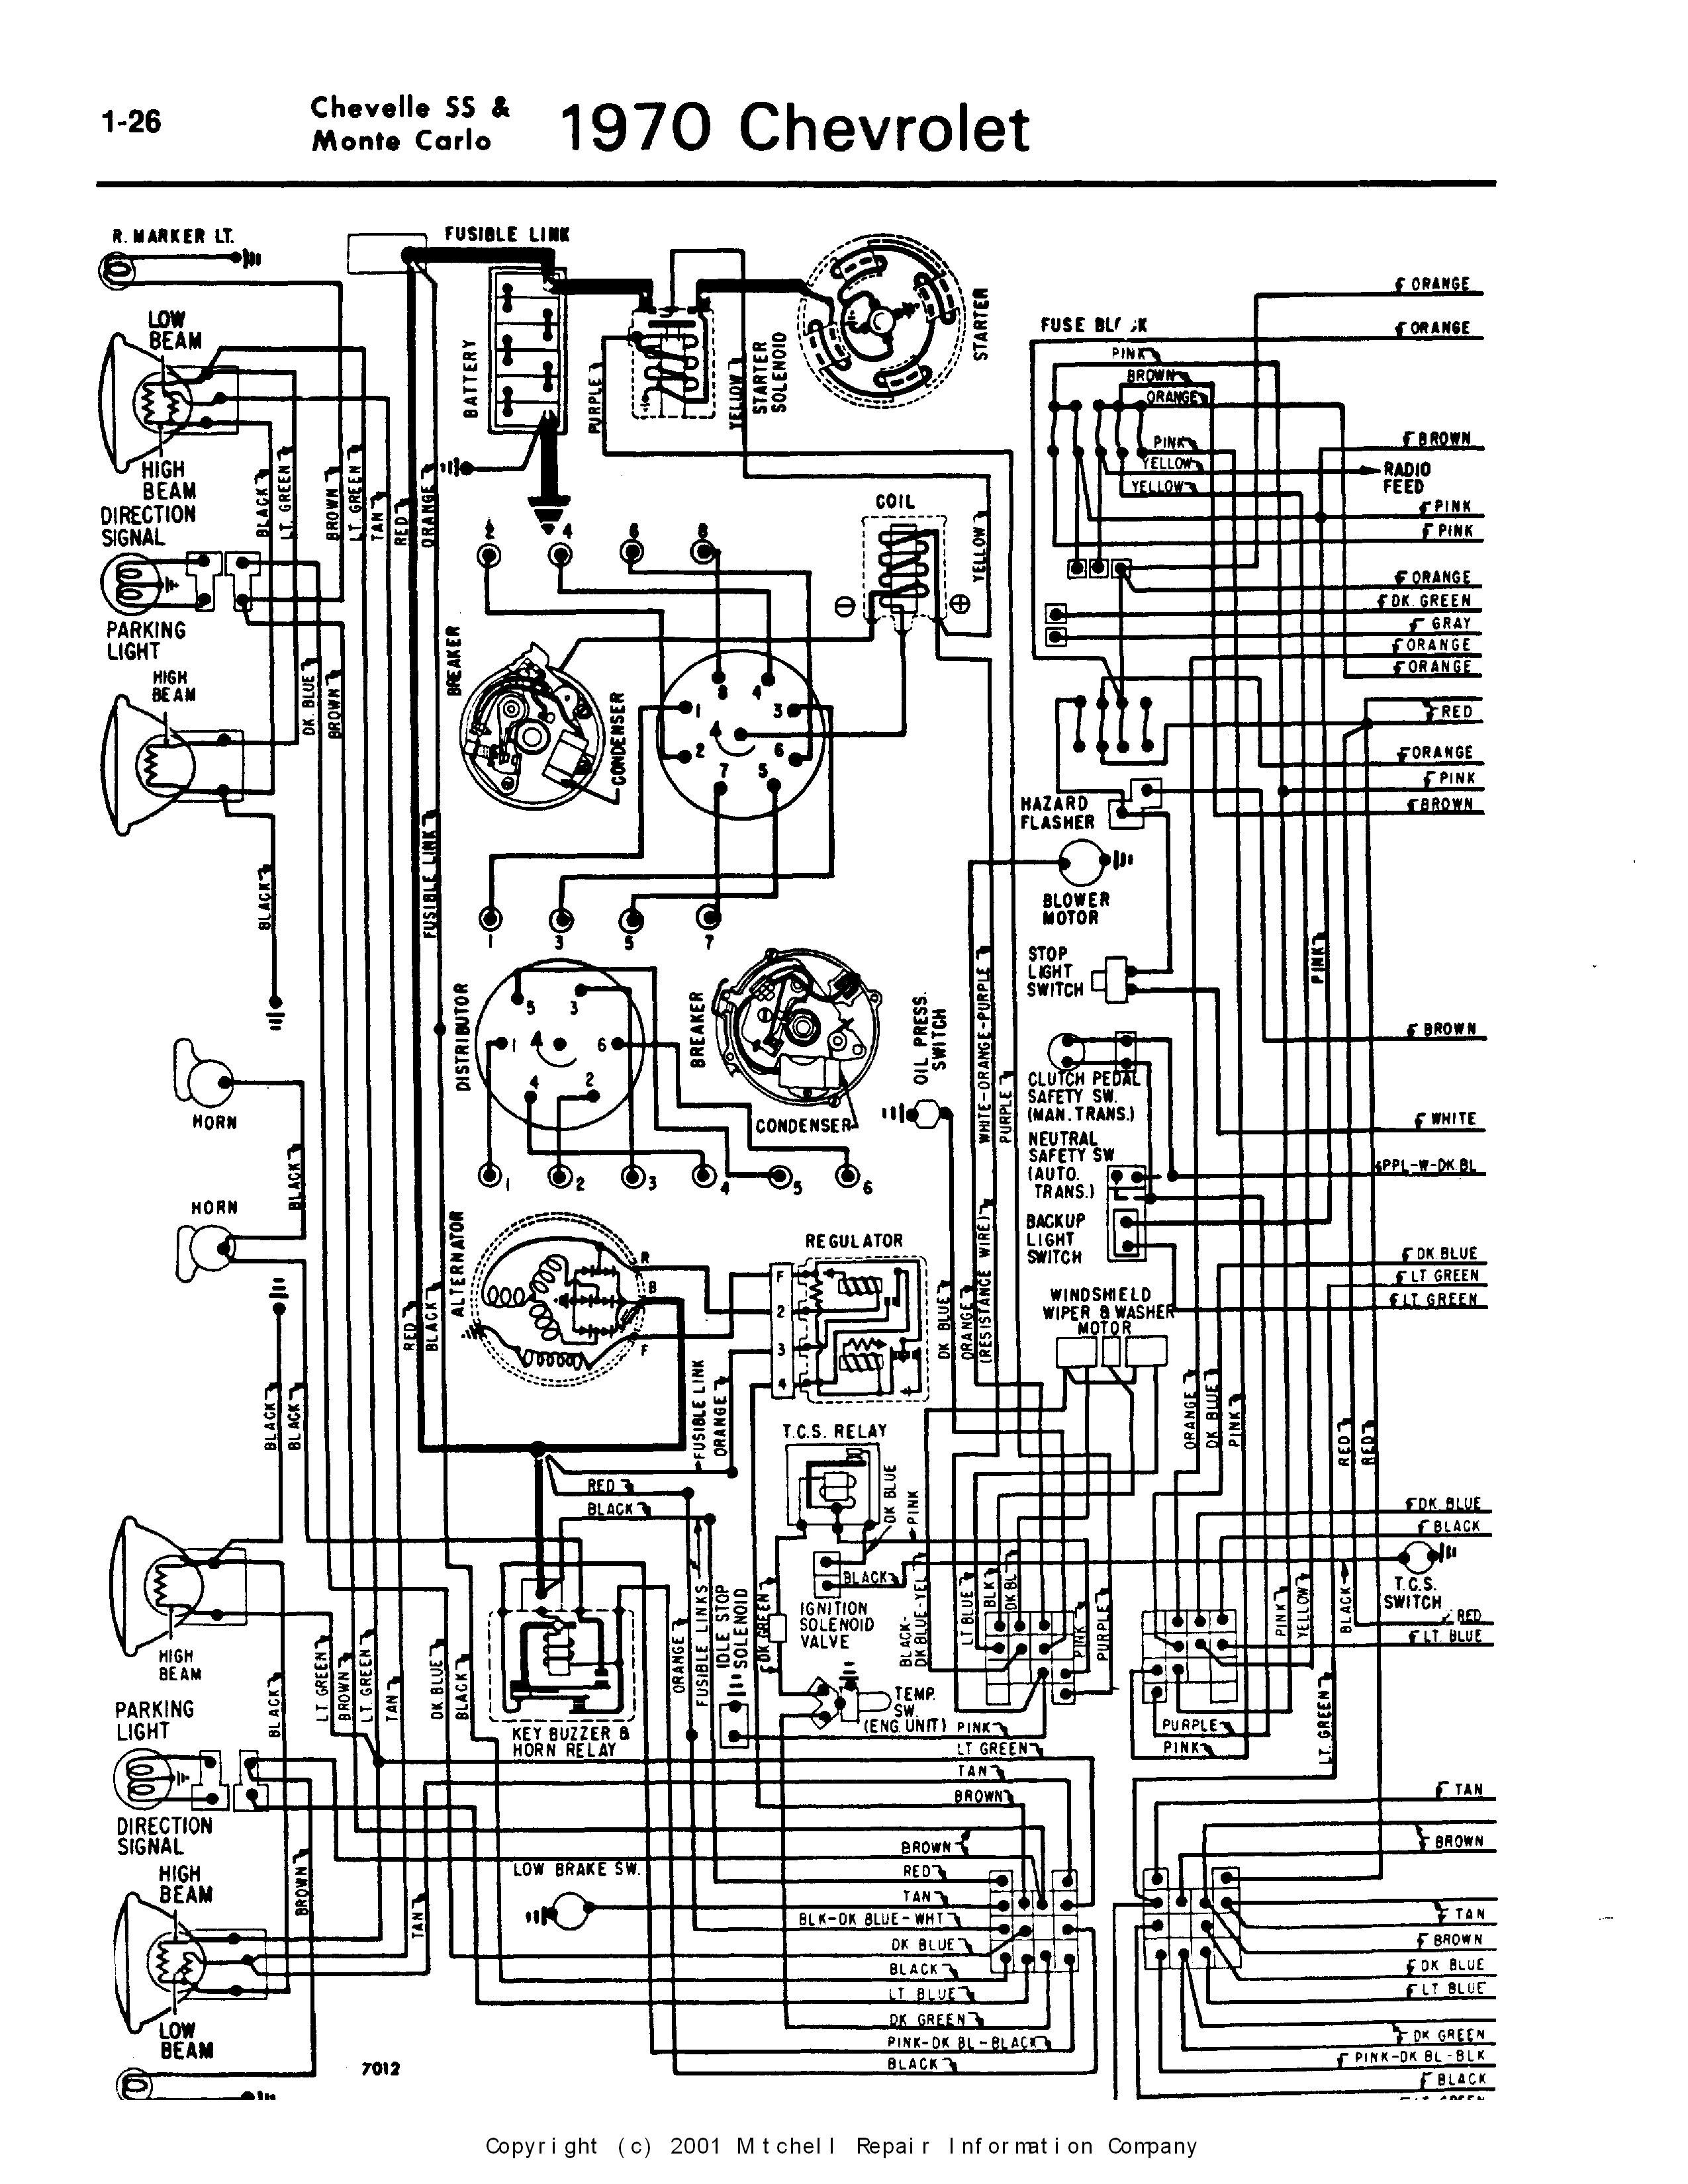 Wiring Diagram Schematic Free Online Image Schematic Wiring Diagram